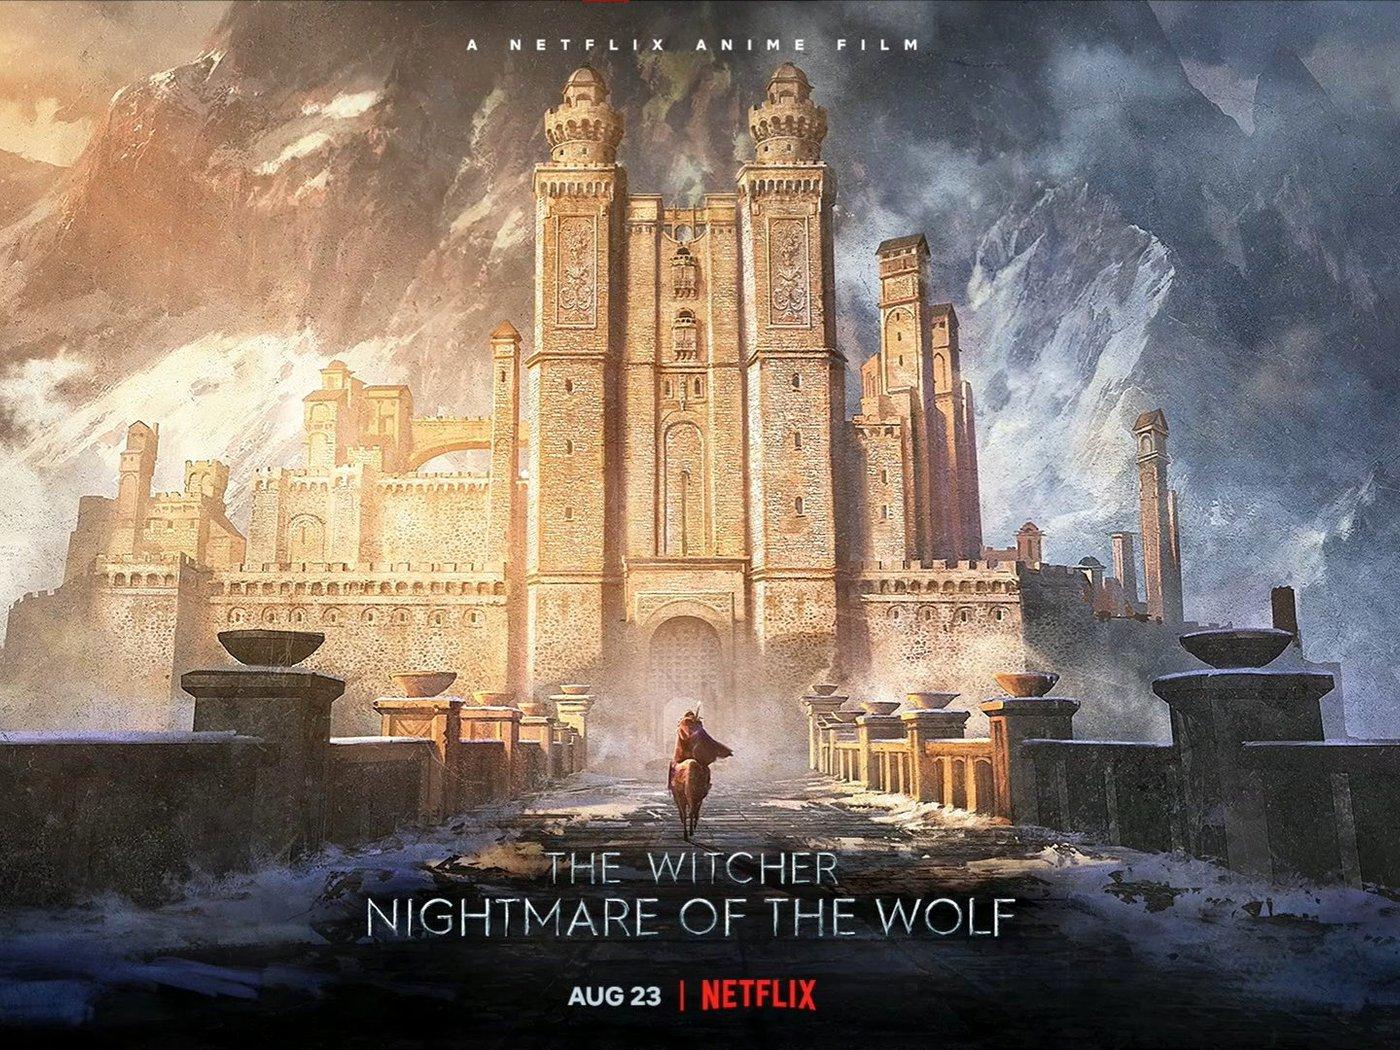 WitcherCon 2021: даты релиза и трейлеры второго сезона Ведьмака и анимационного проекта